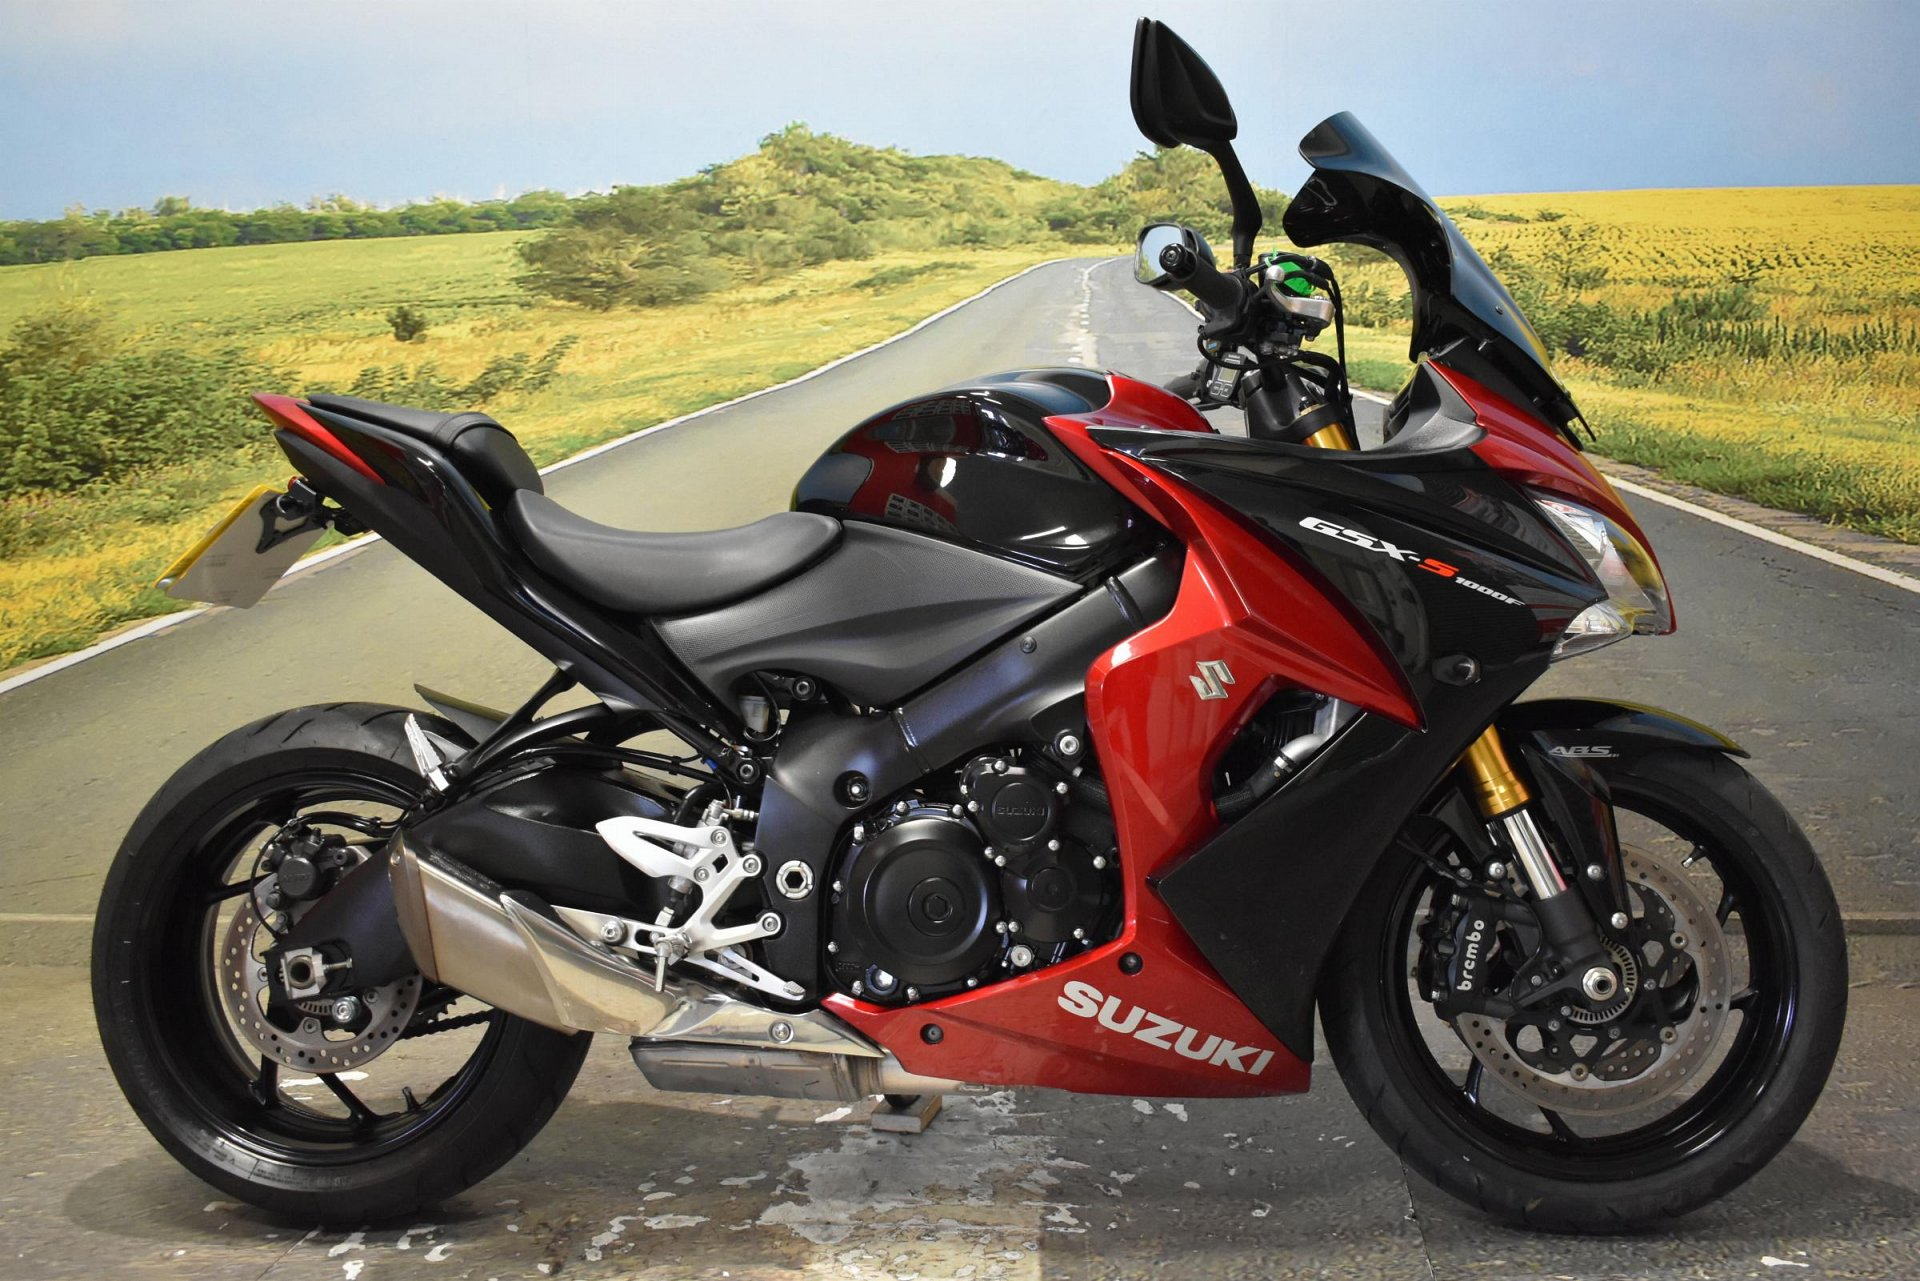 2015 Suzuki GSX-S1000 for sale in Derbyshire